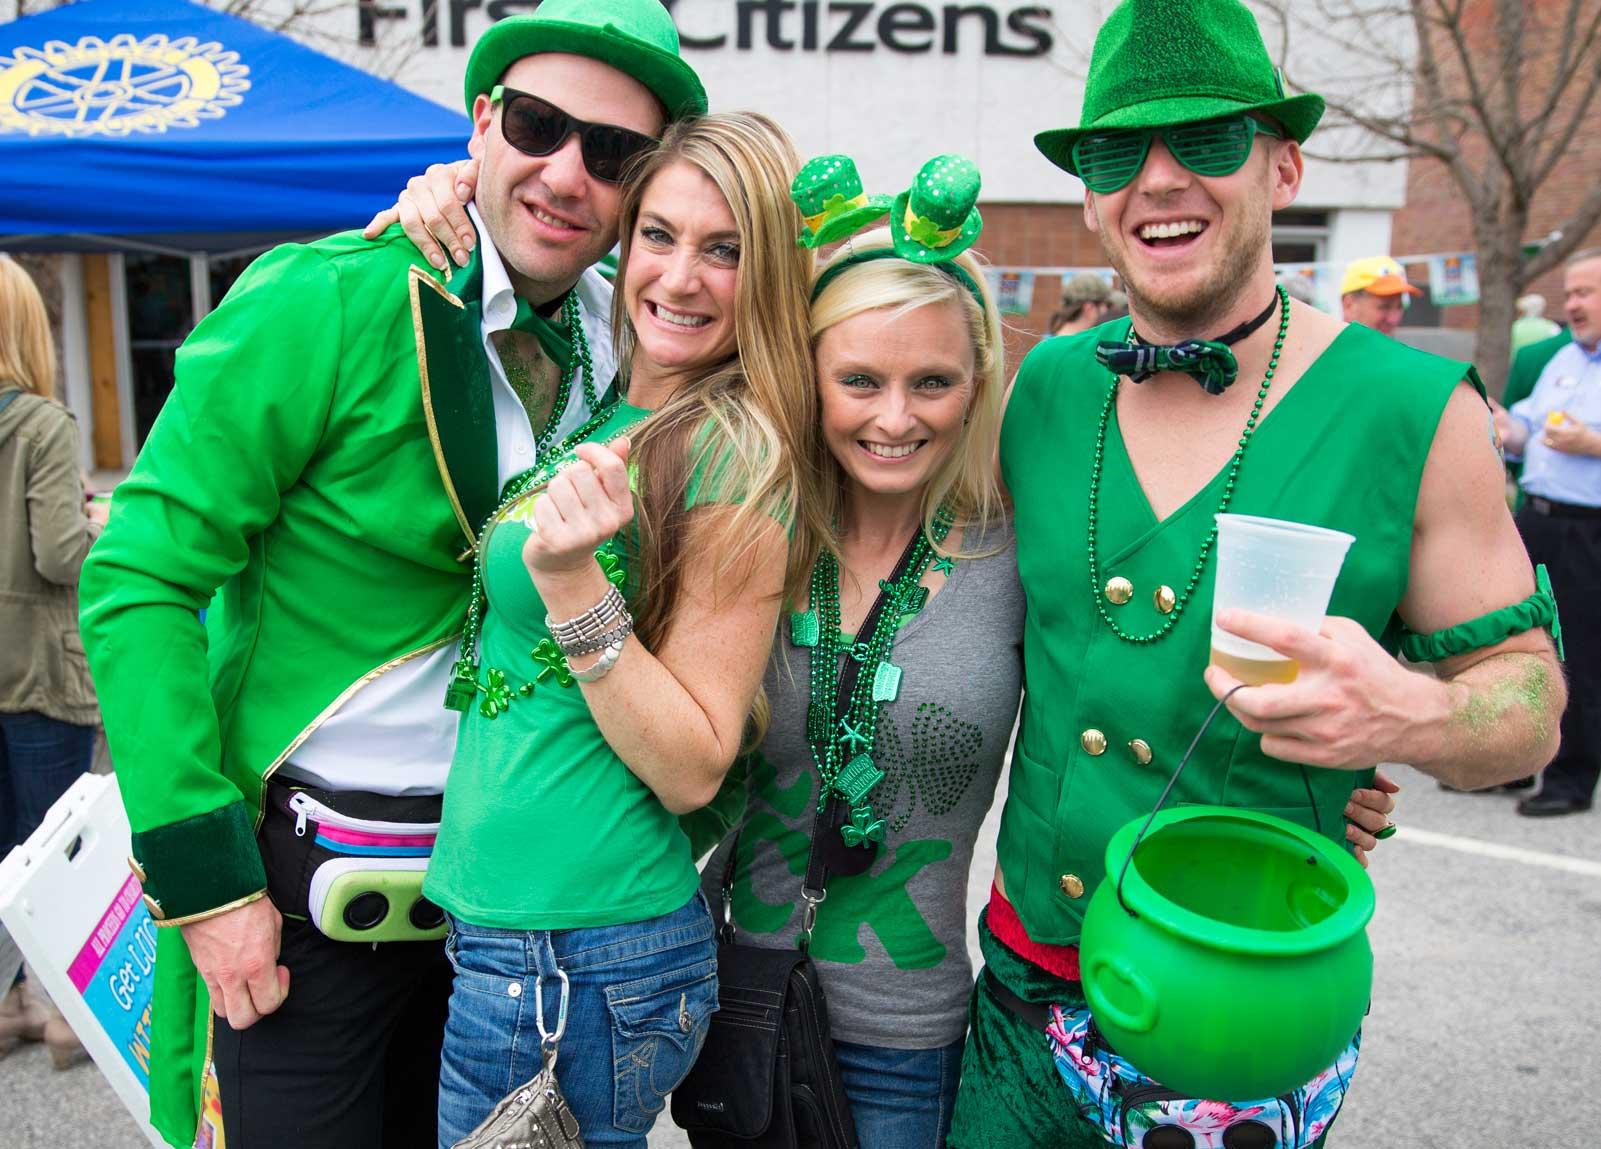 St Patricks Day bank holiday: Is tomorrow a bank holiday